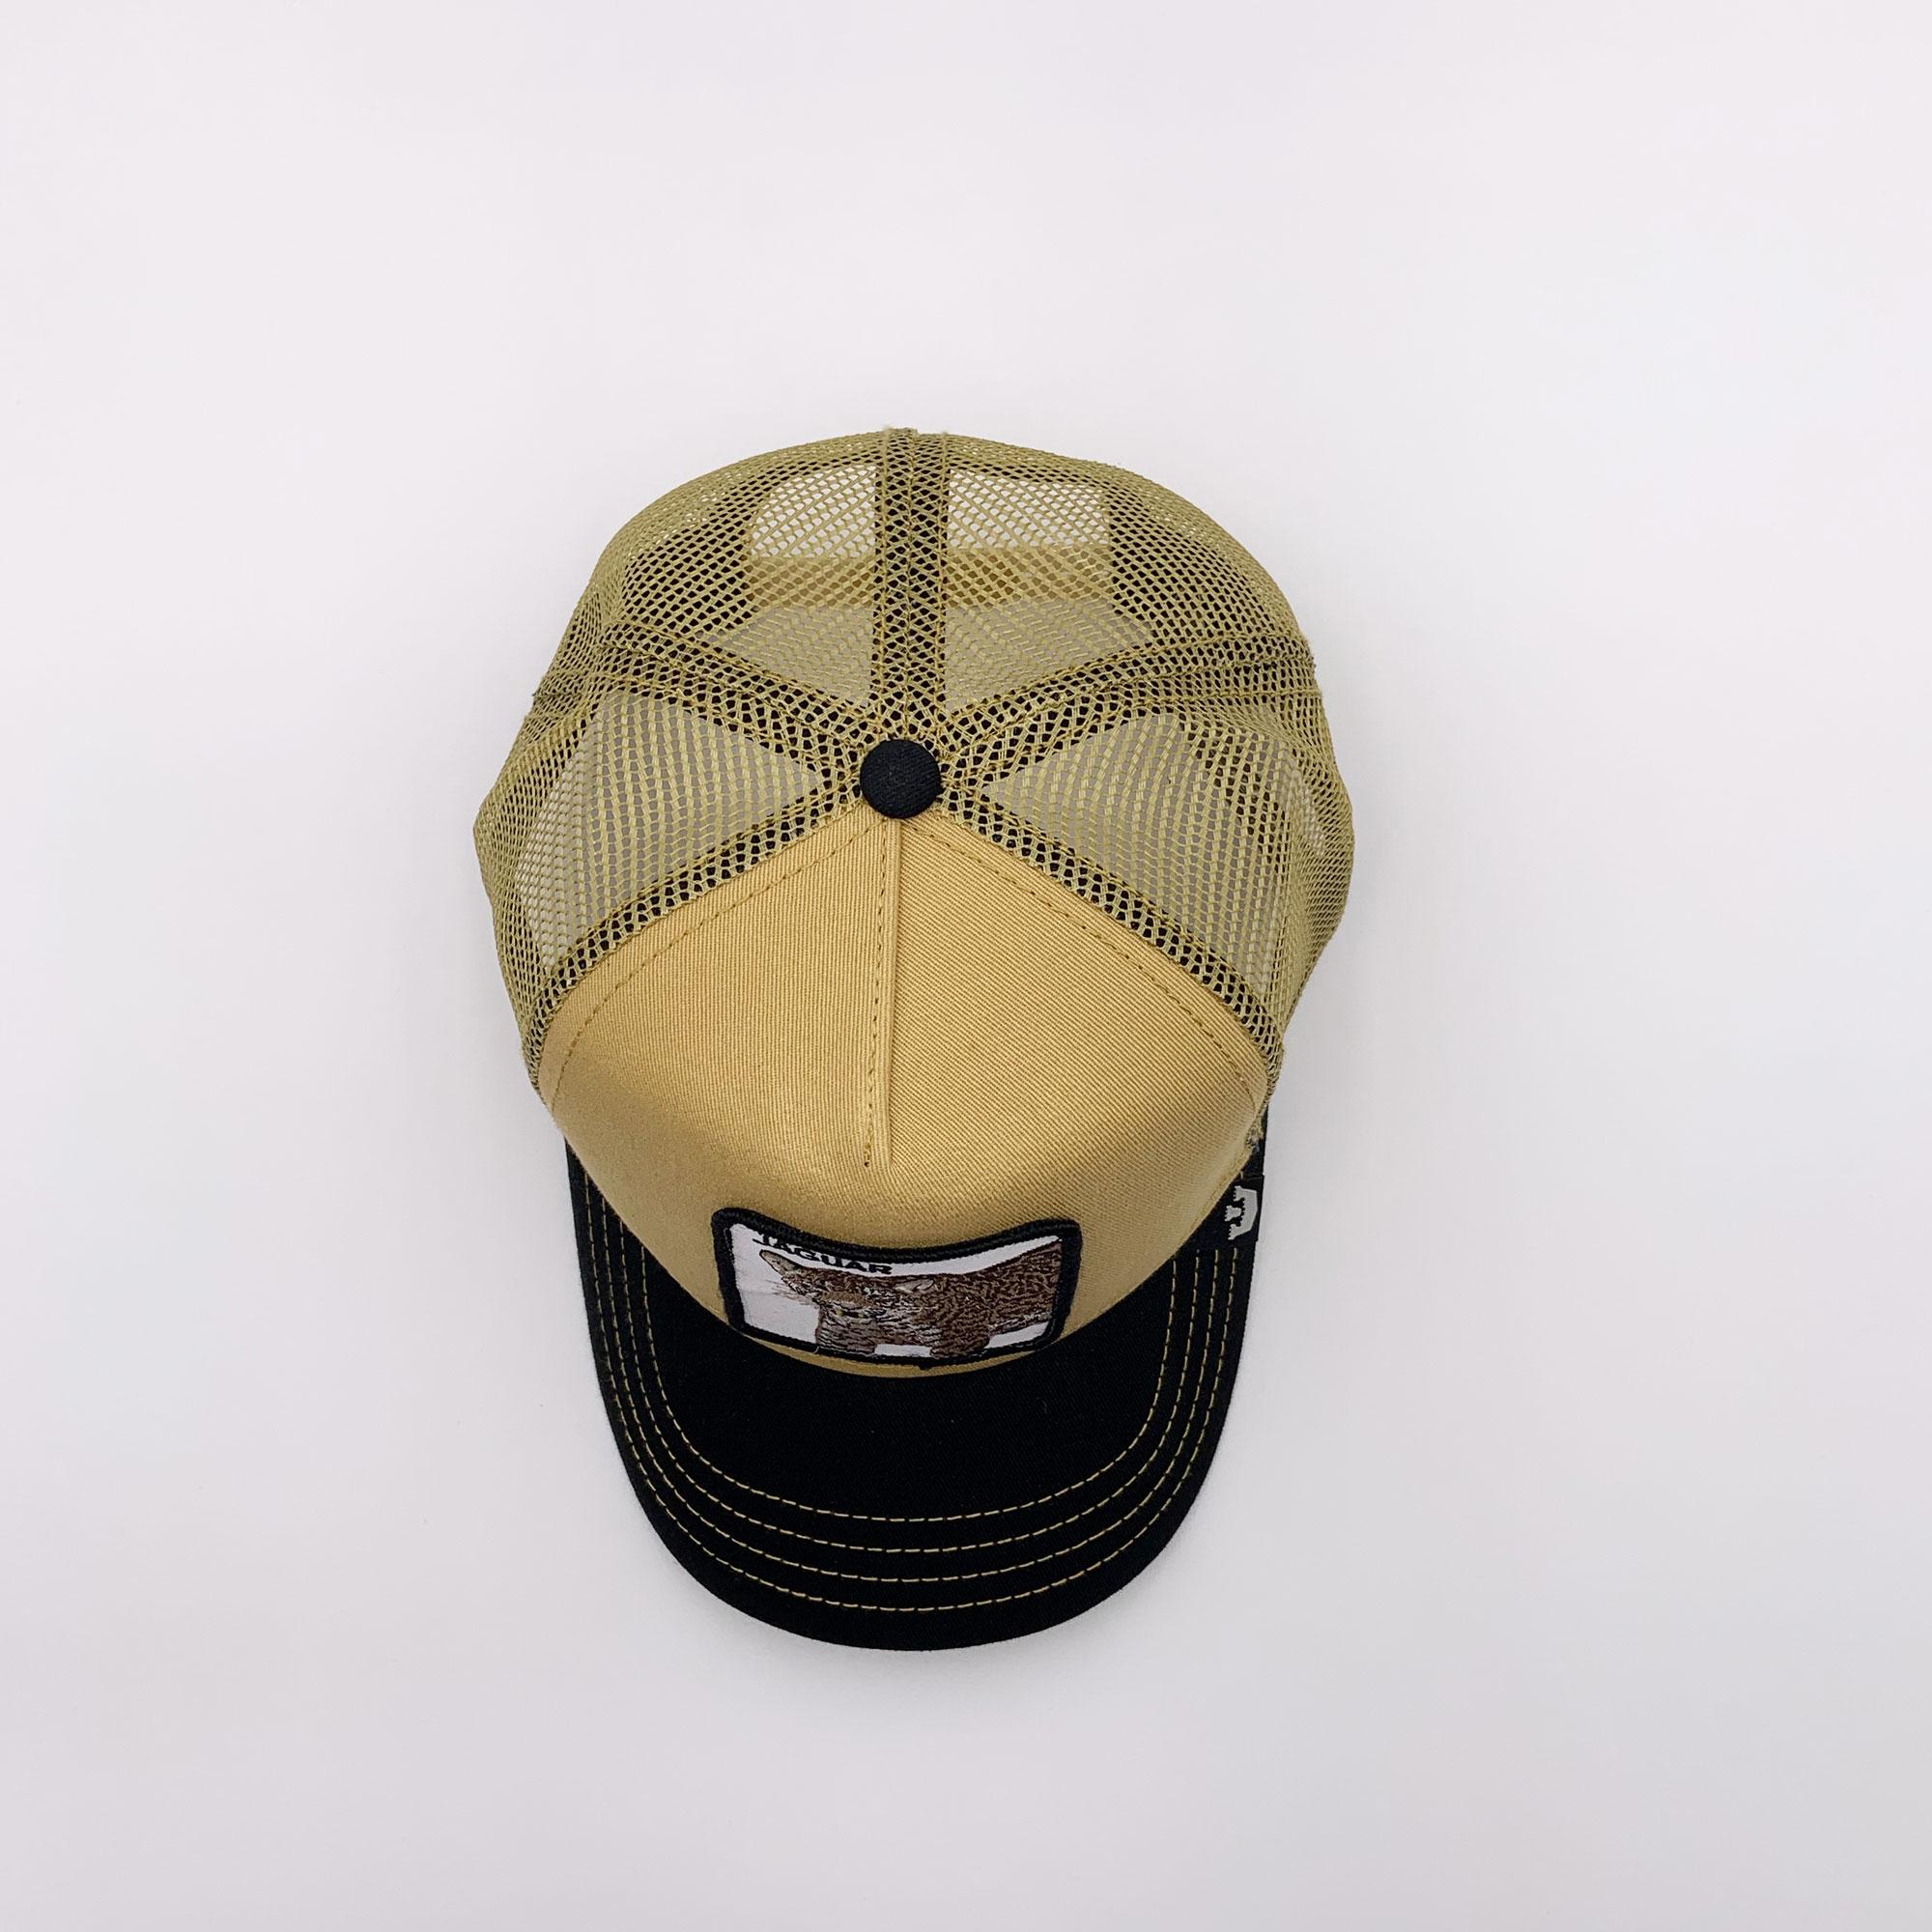 Cappello baseball giaguaro - Sabbia